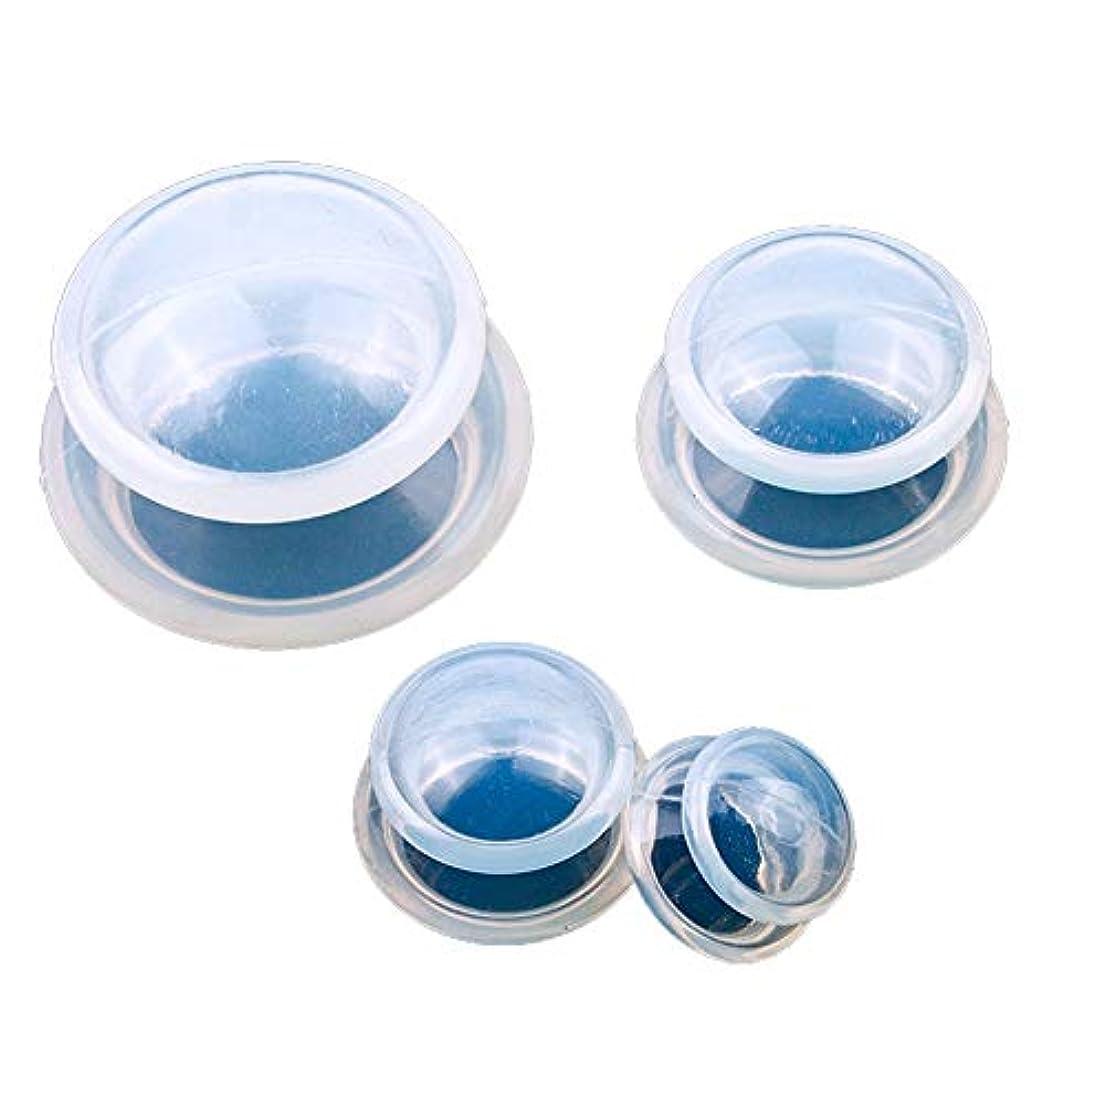 日付付き生き物発生器真空 シリコーン マッサージカップ 吸い玉 マッサージ カッピングセット ために筋肉痛救済,男女兼用,透明,4個,